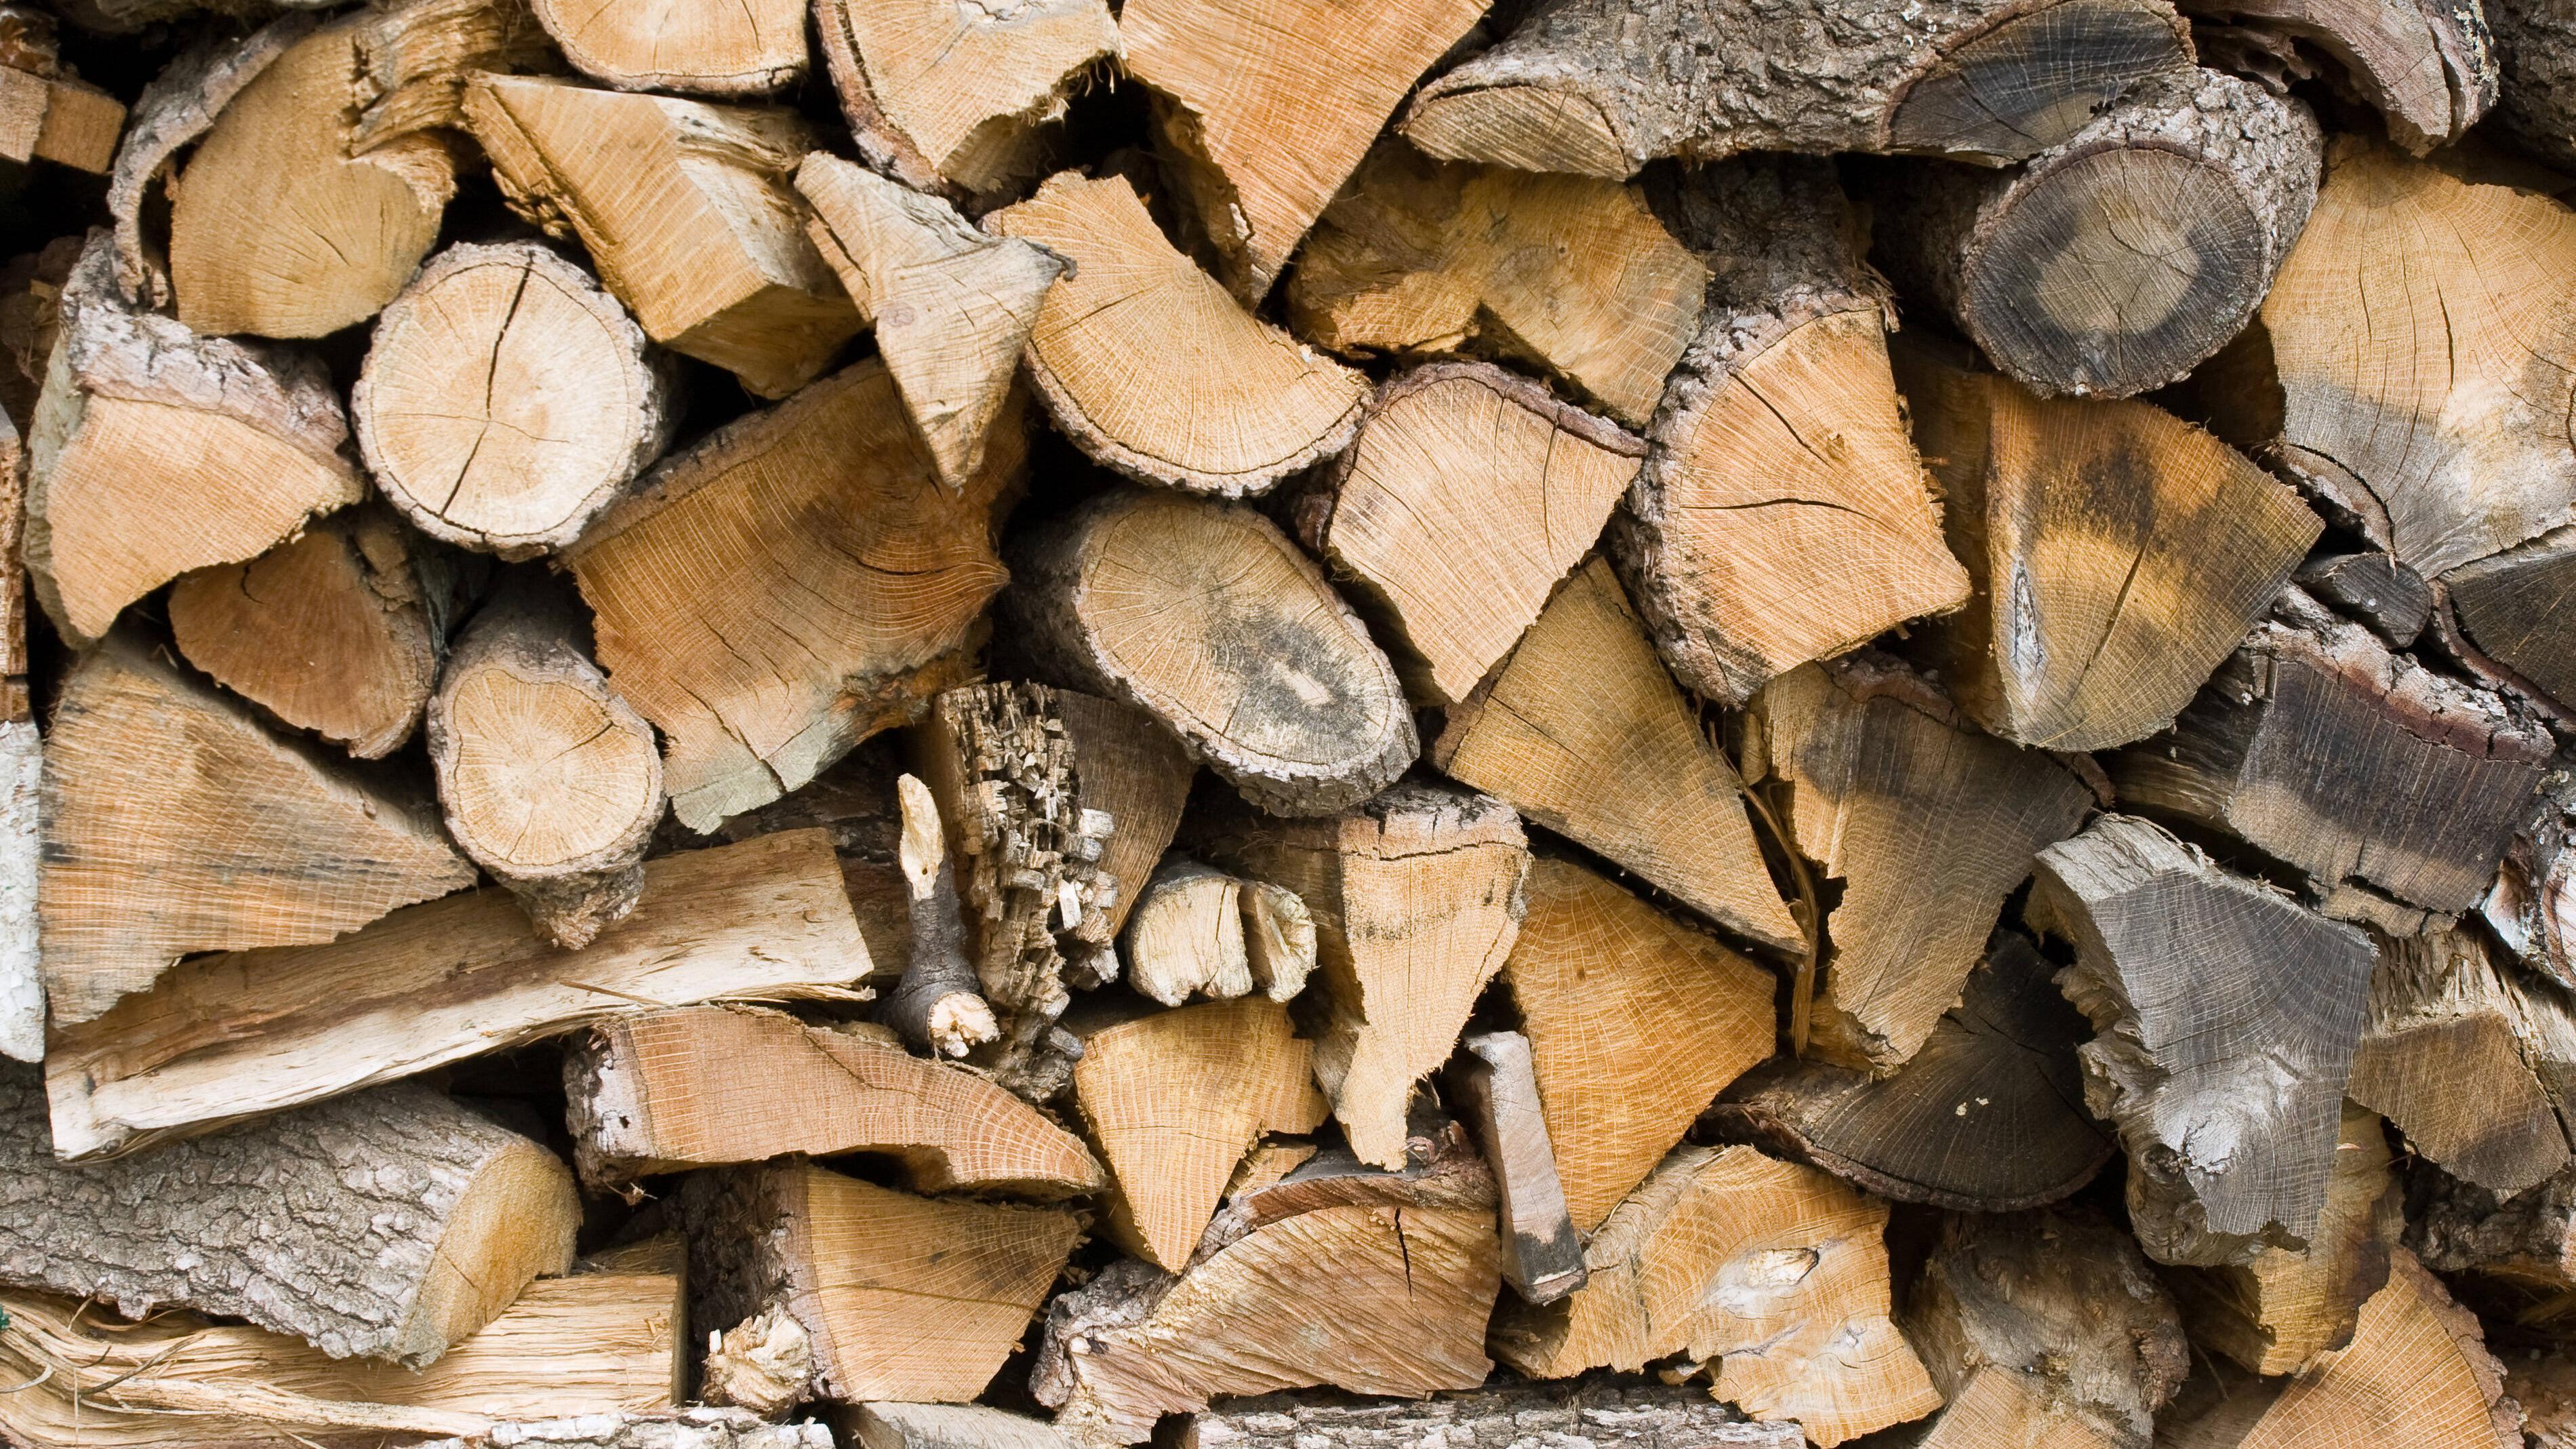 Holz hacken und spalten - die besten Tipps